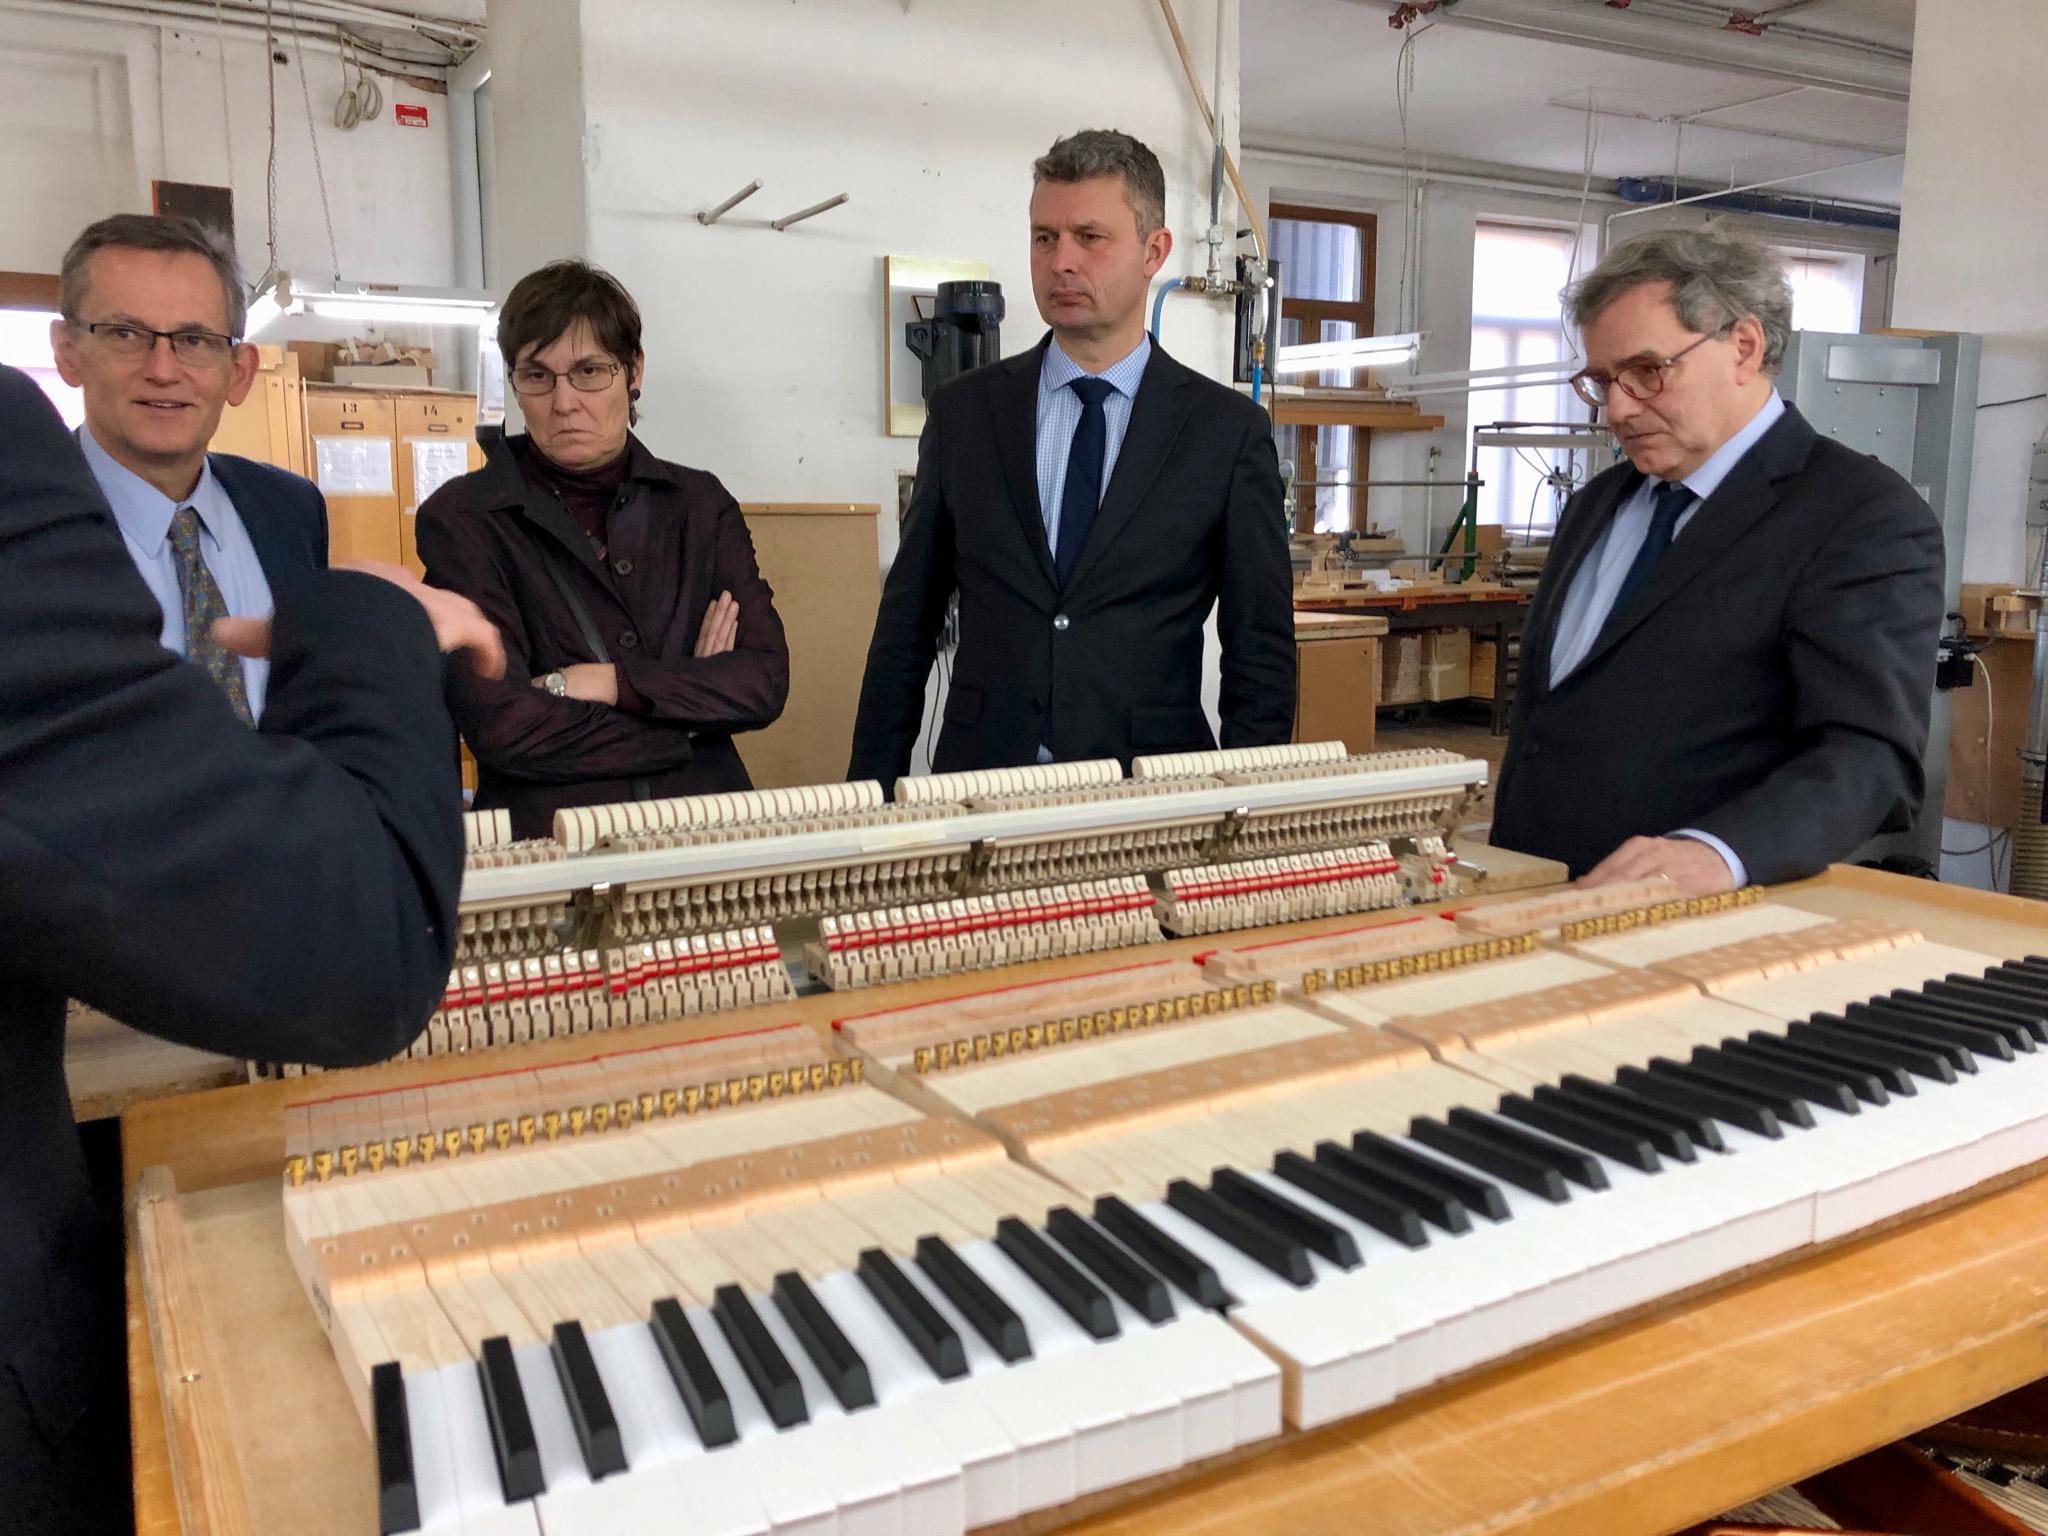 Klavierfabrik Besuch